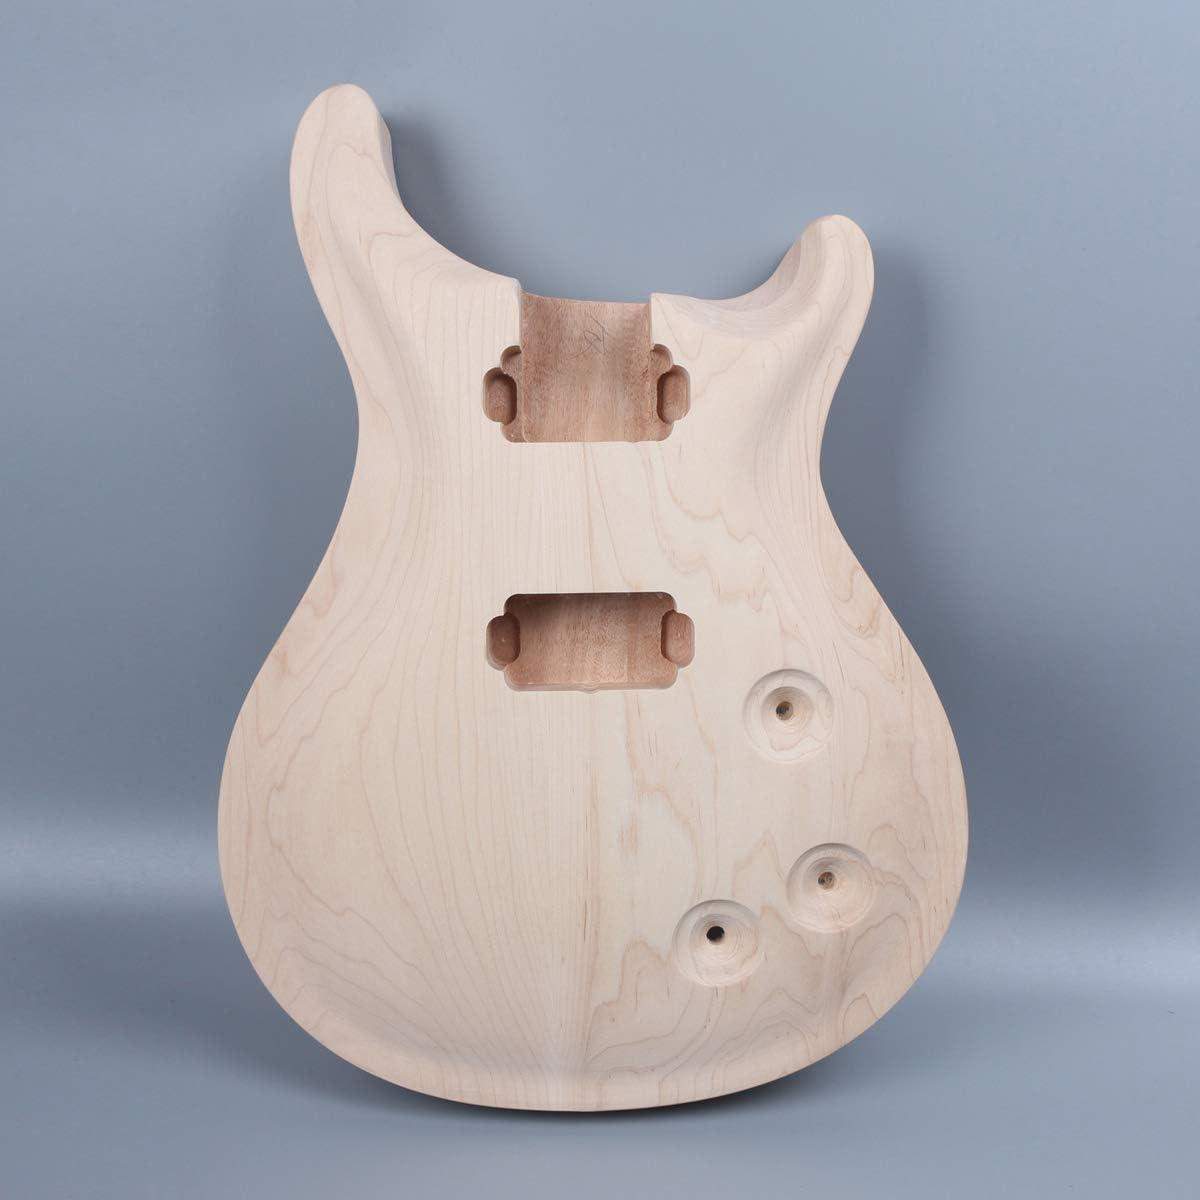 Juego de repuesto para guitarra eléctrica de madera de arce de caoba sin terminar